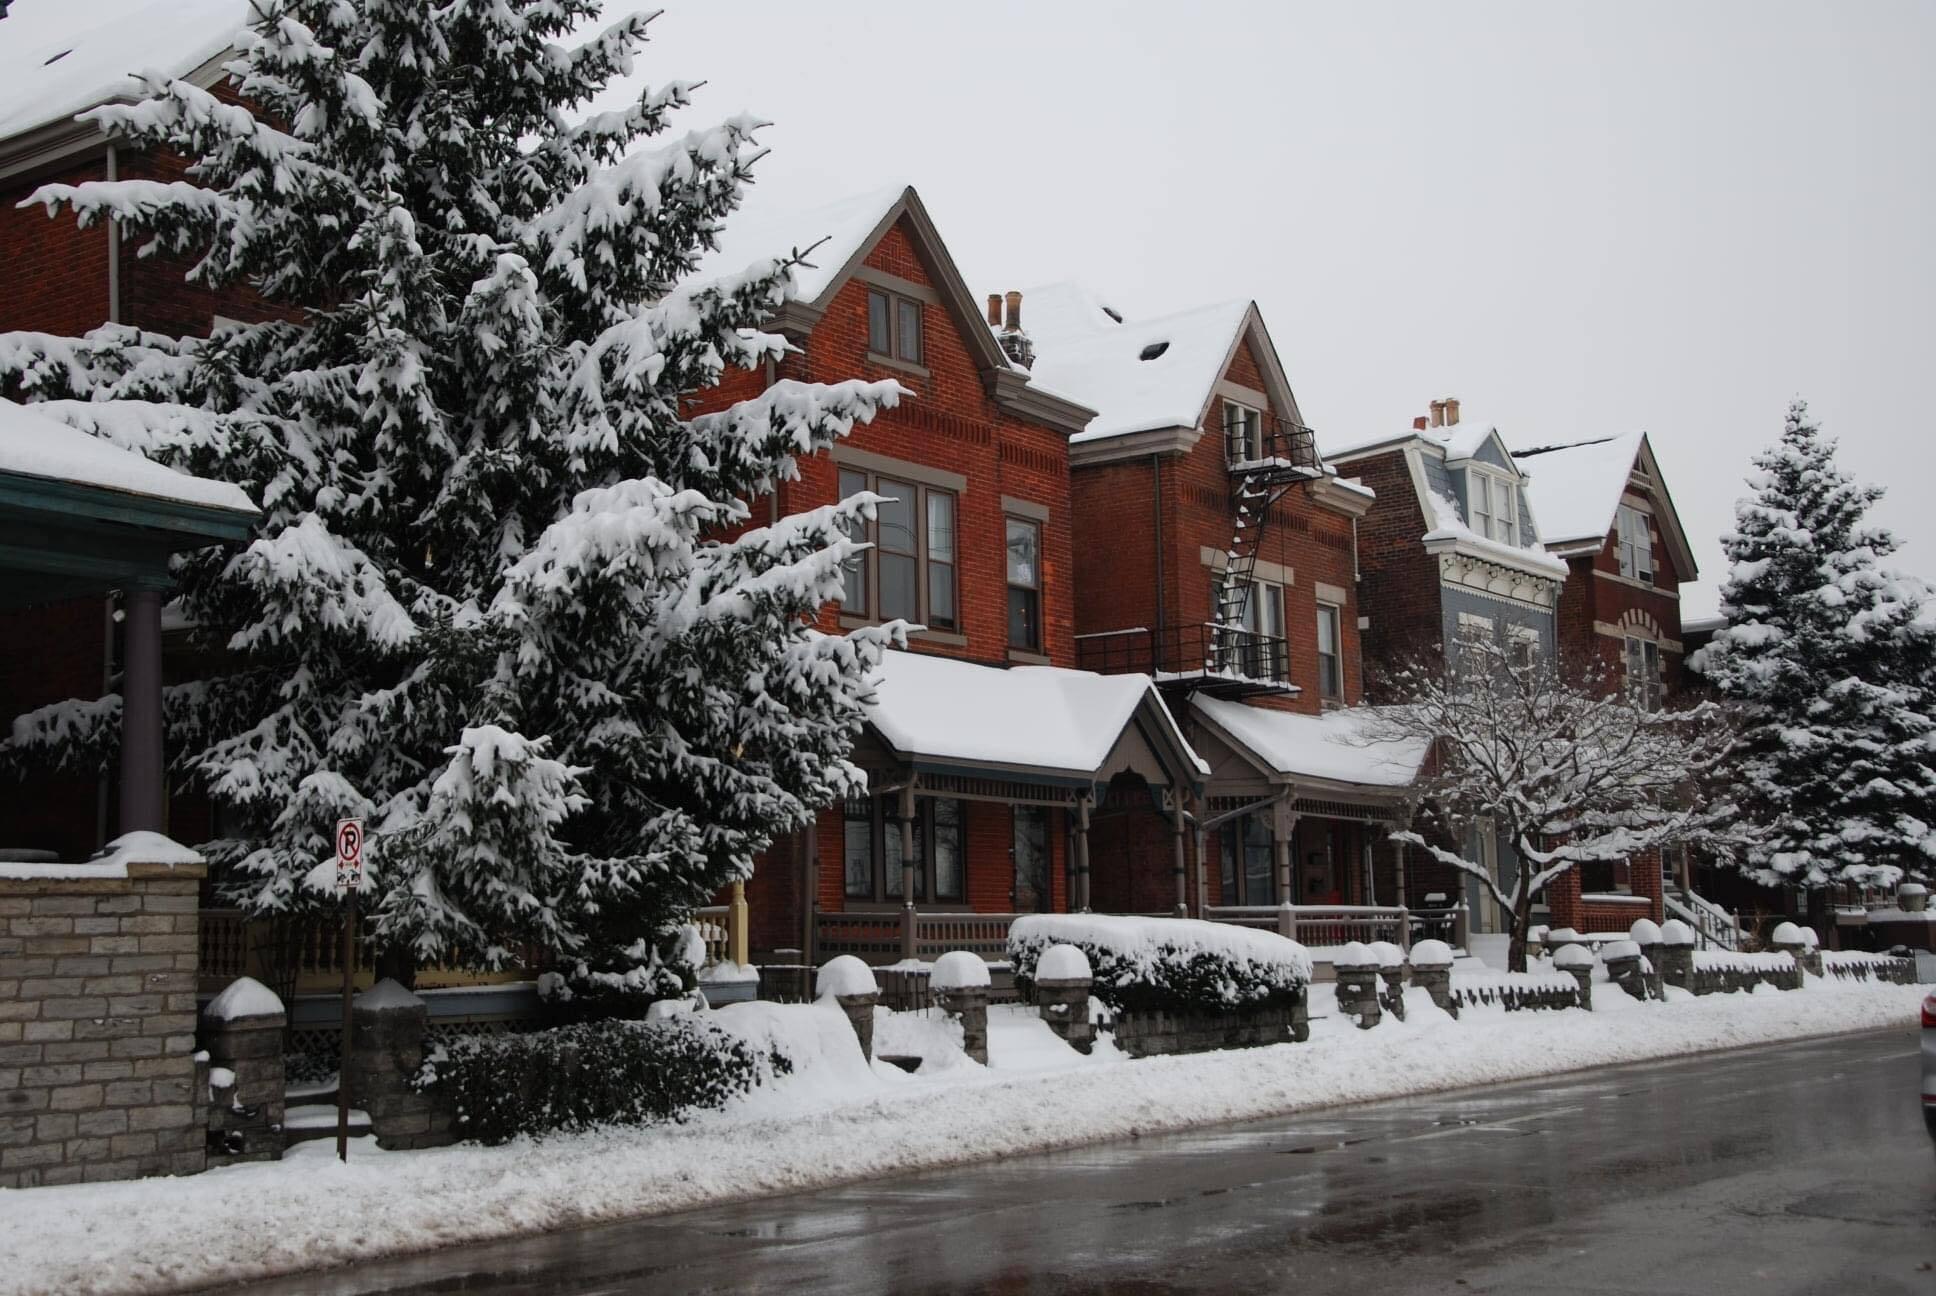 covington-snow-angie-coyle.jpg